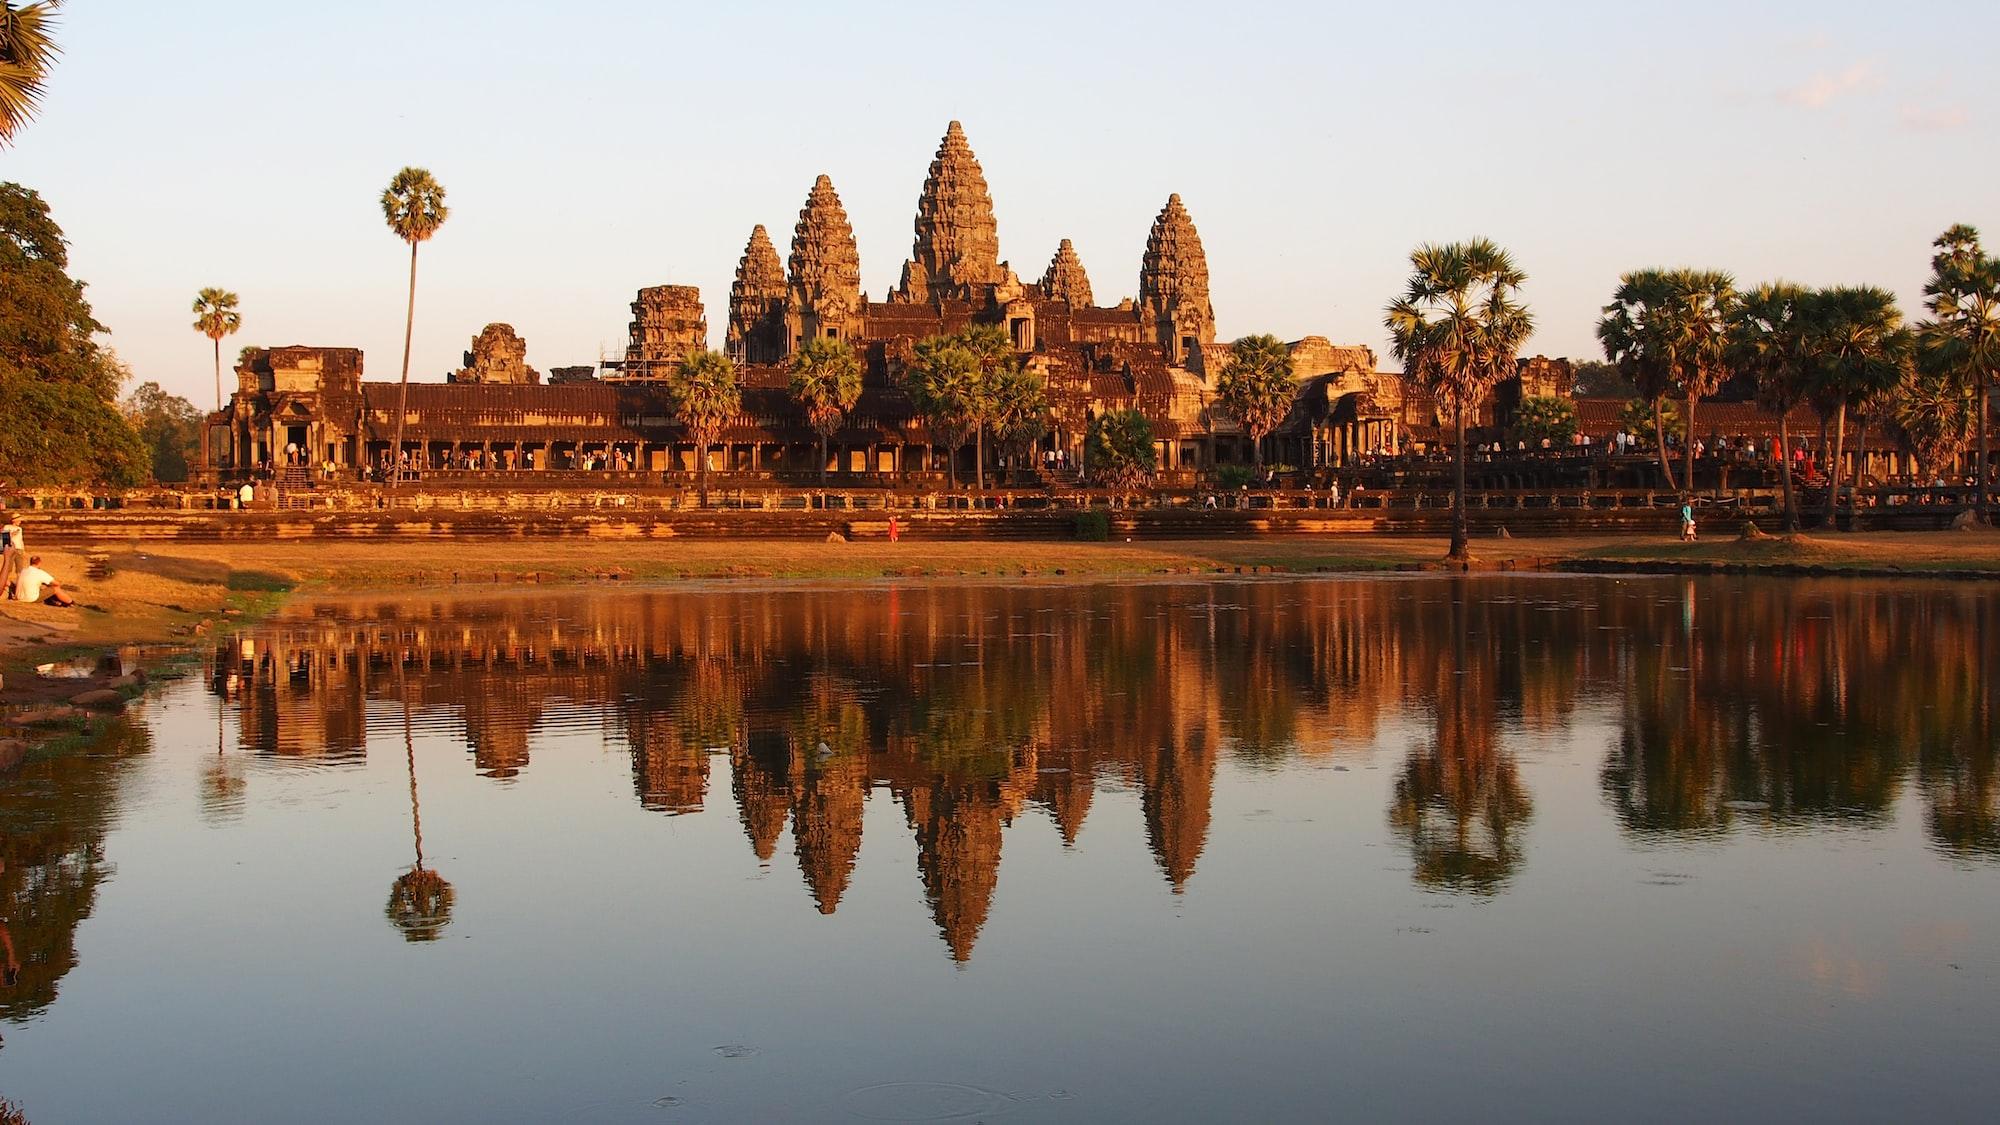 Visiting Angkor Wat and Angkor Thom – mysteries & myths behind the ruins